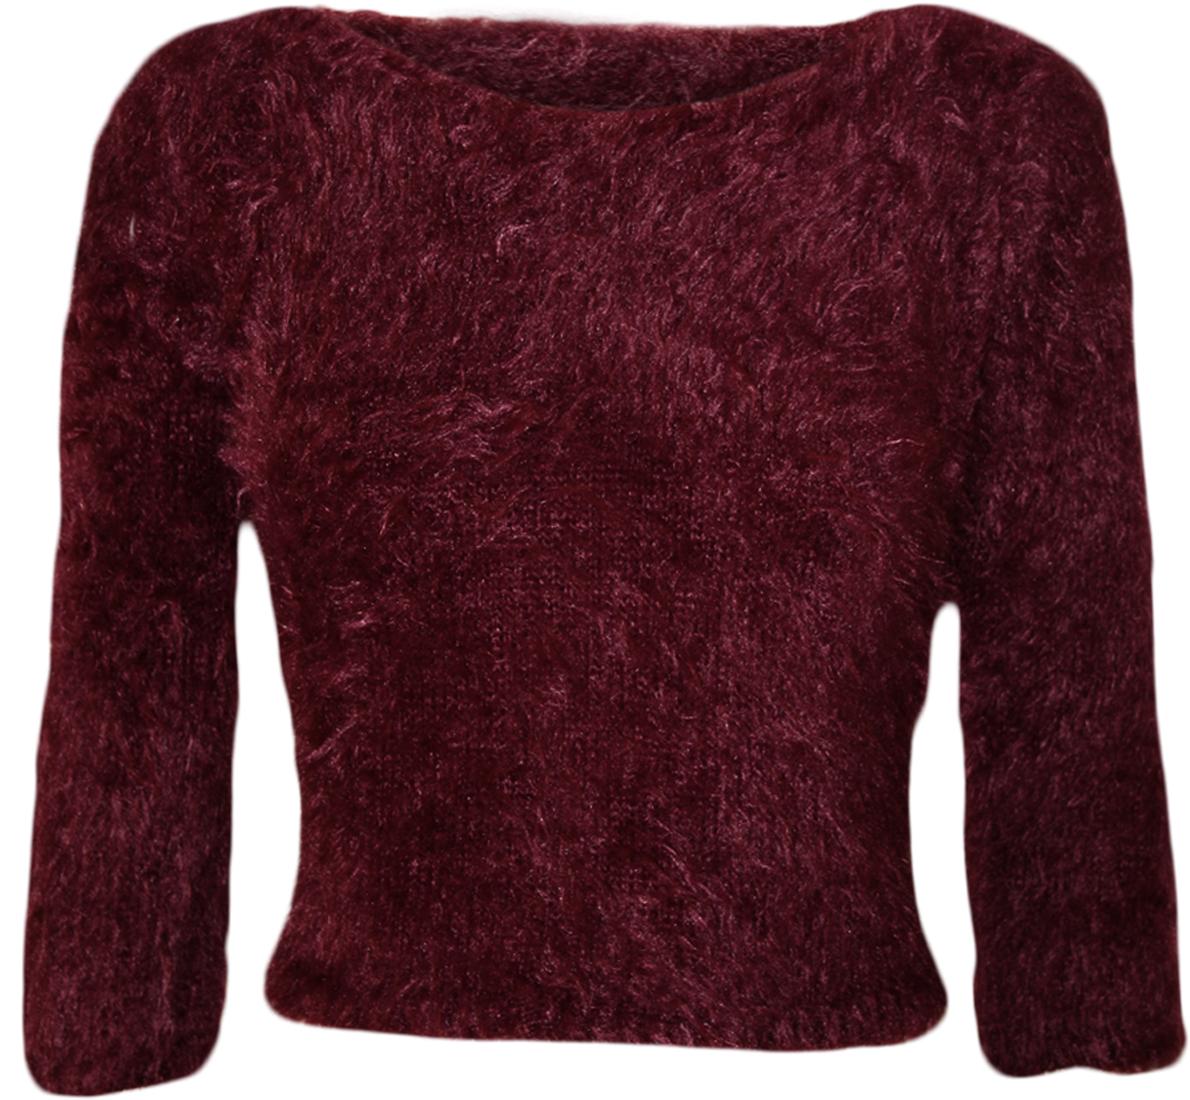 New Women Plain Fluffy Mohair 3/4 Sleeve Jumper Short Crop Top Size 8-14